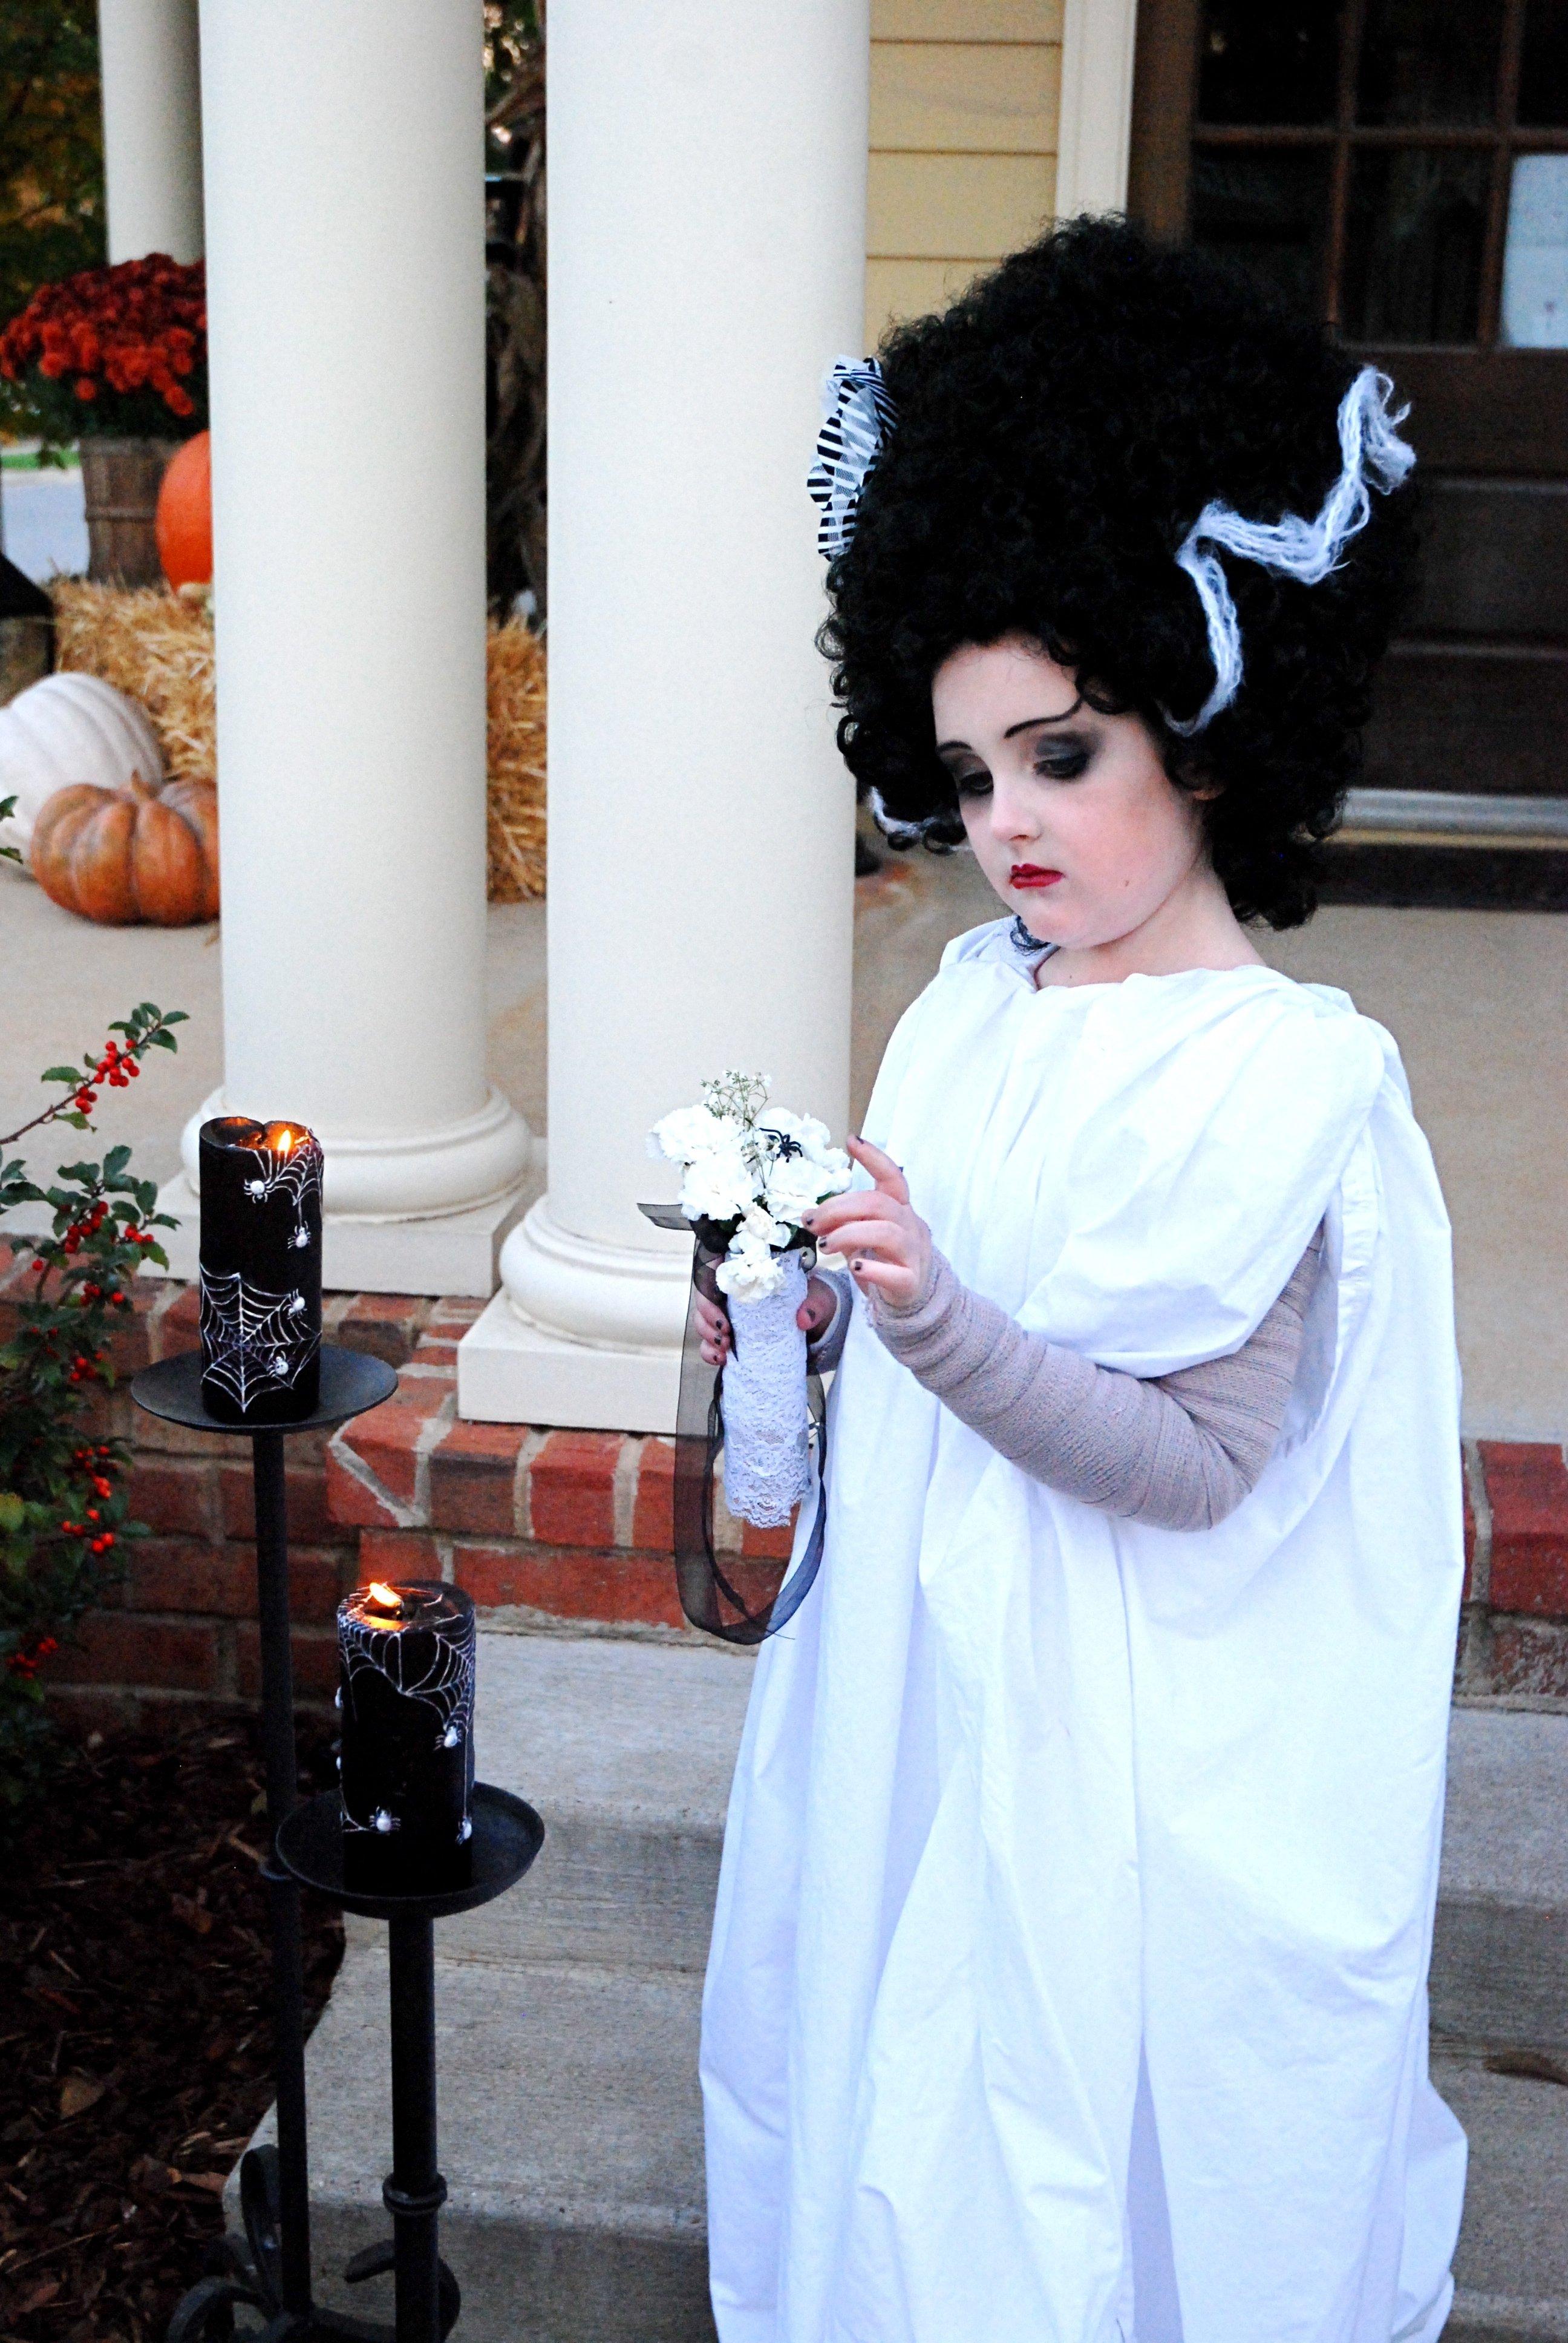 10 Amazing Martha Stewart Halloween Costume Ideas dyi martha stewart costume bride of frankenstein costumes 1 2020